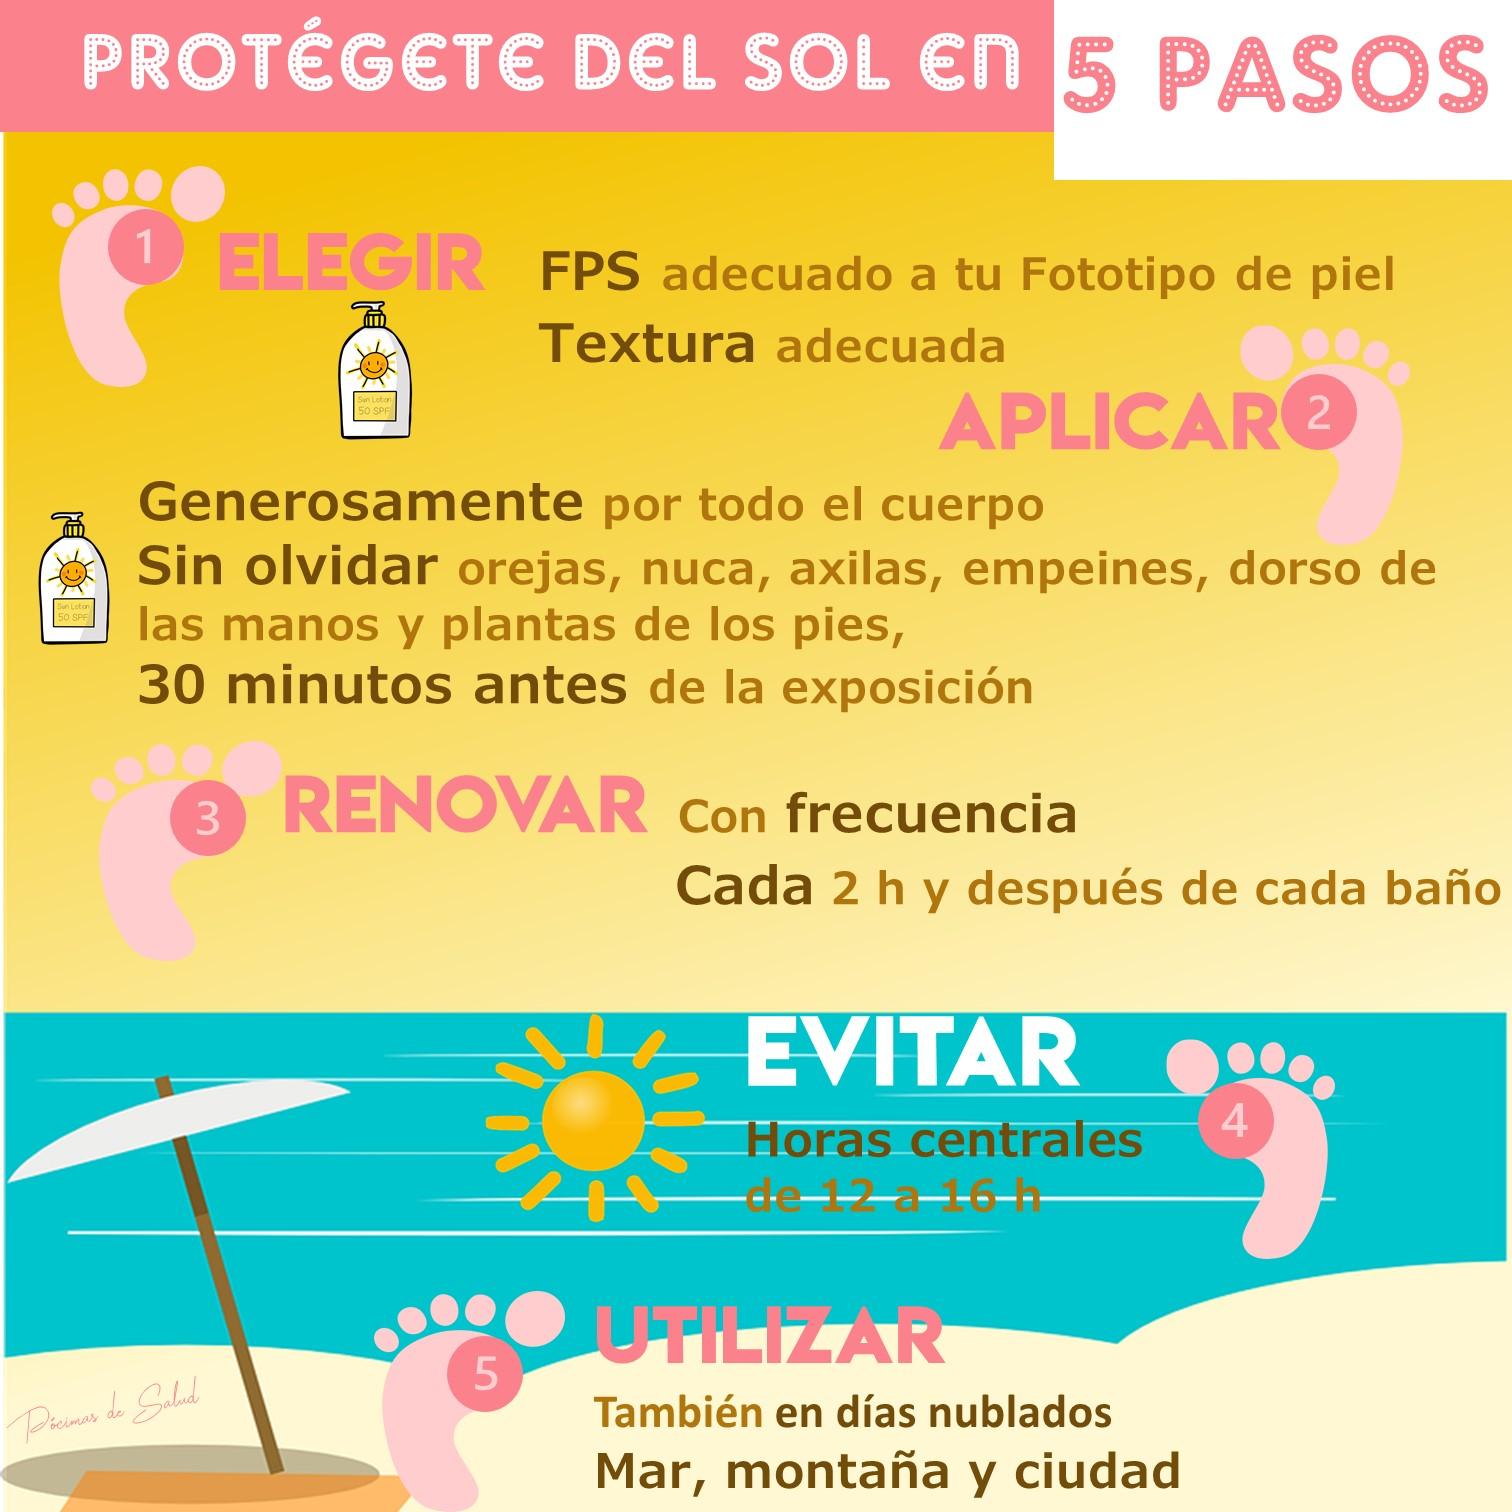 Consejos-protección-solar